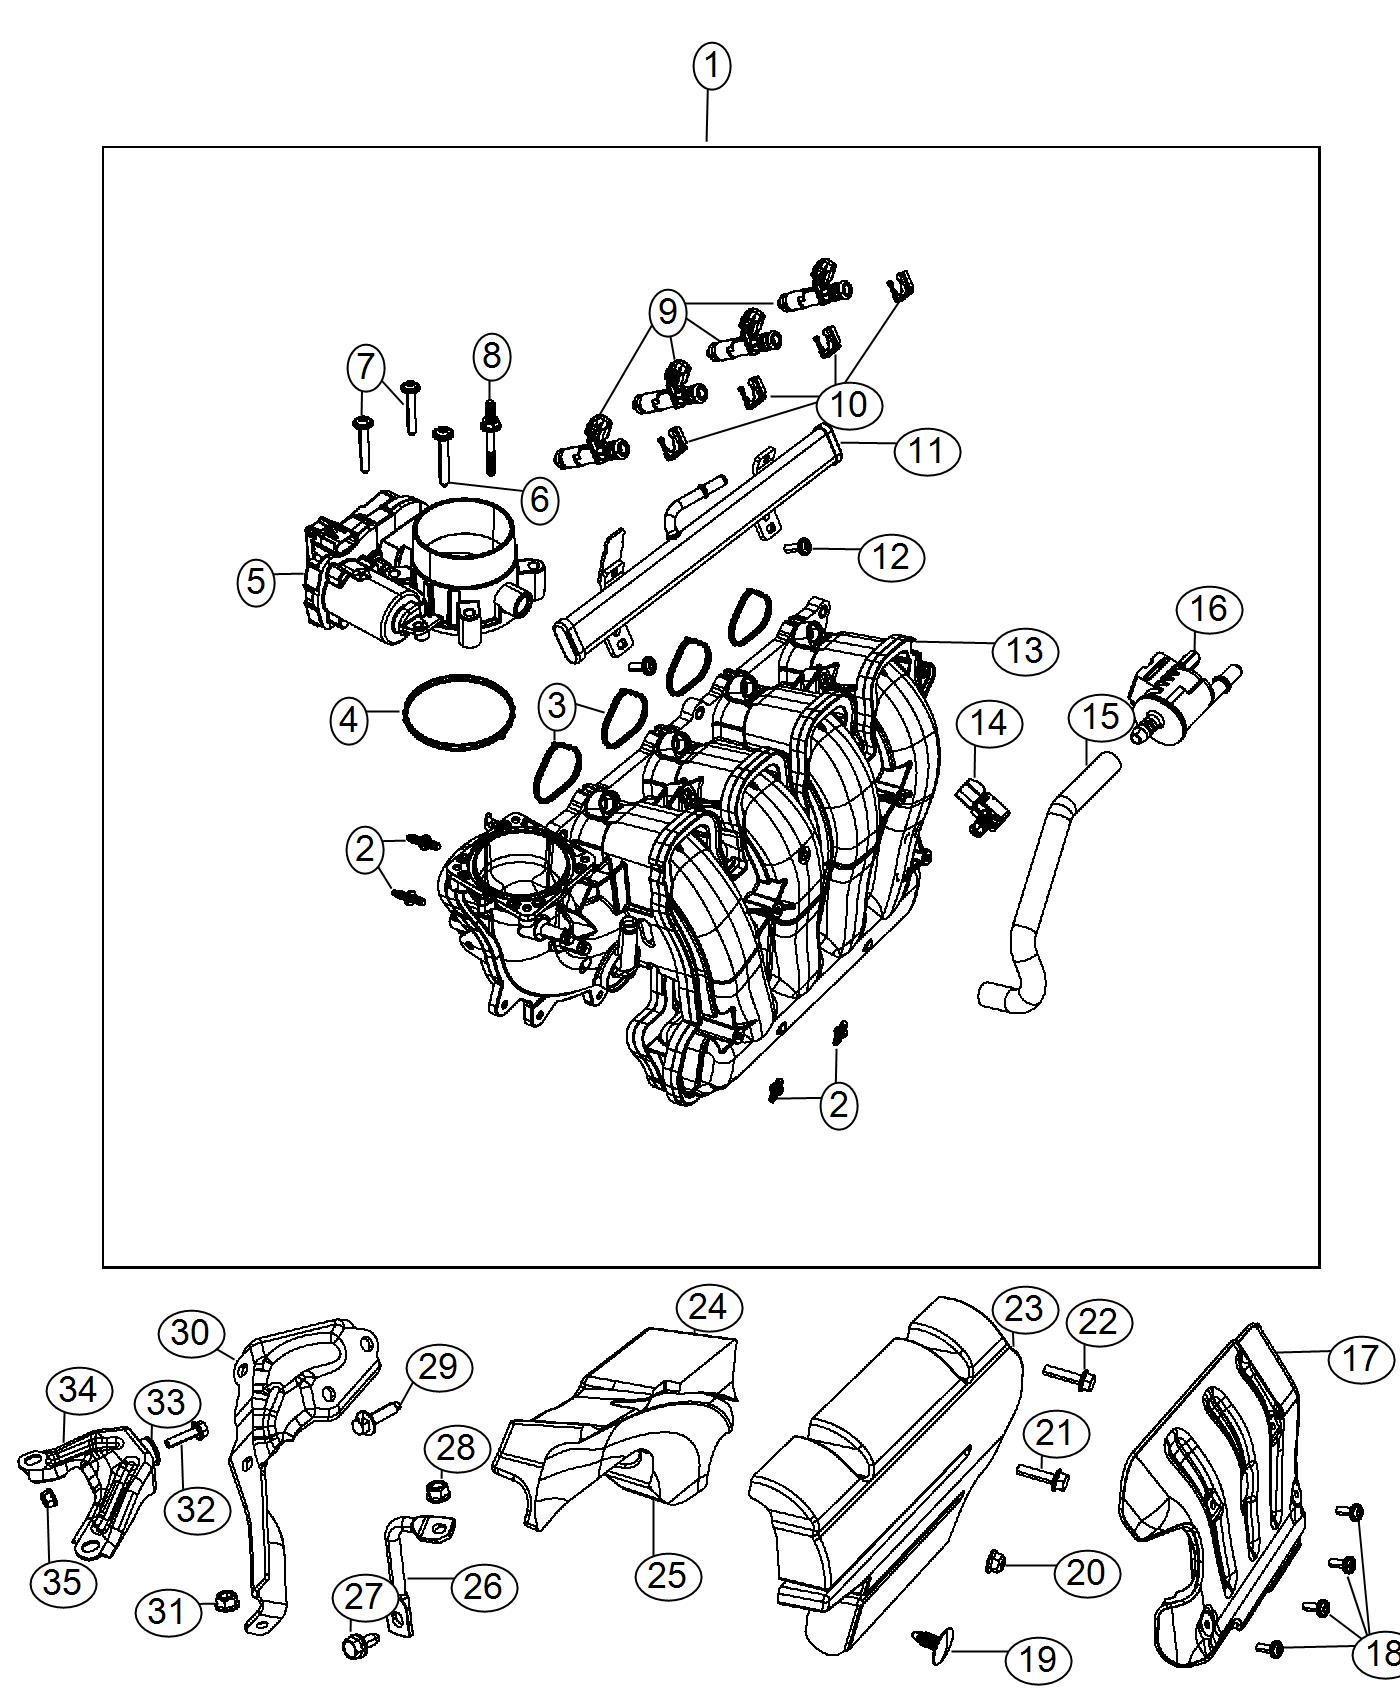 2016 Dodge Dart Sxt 2 4l I4 A  T Strut  Intake Manifold